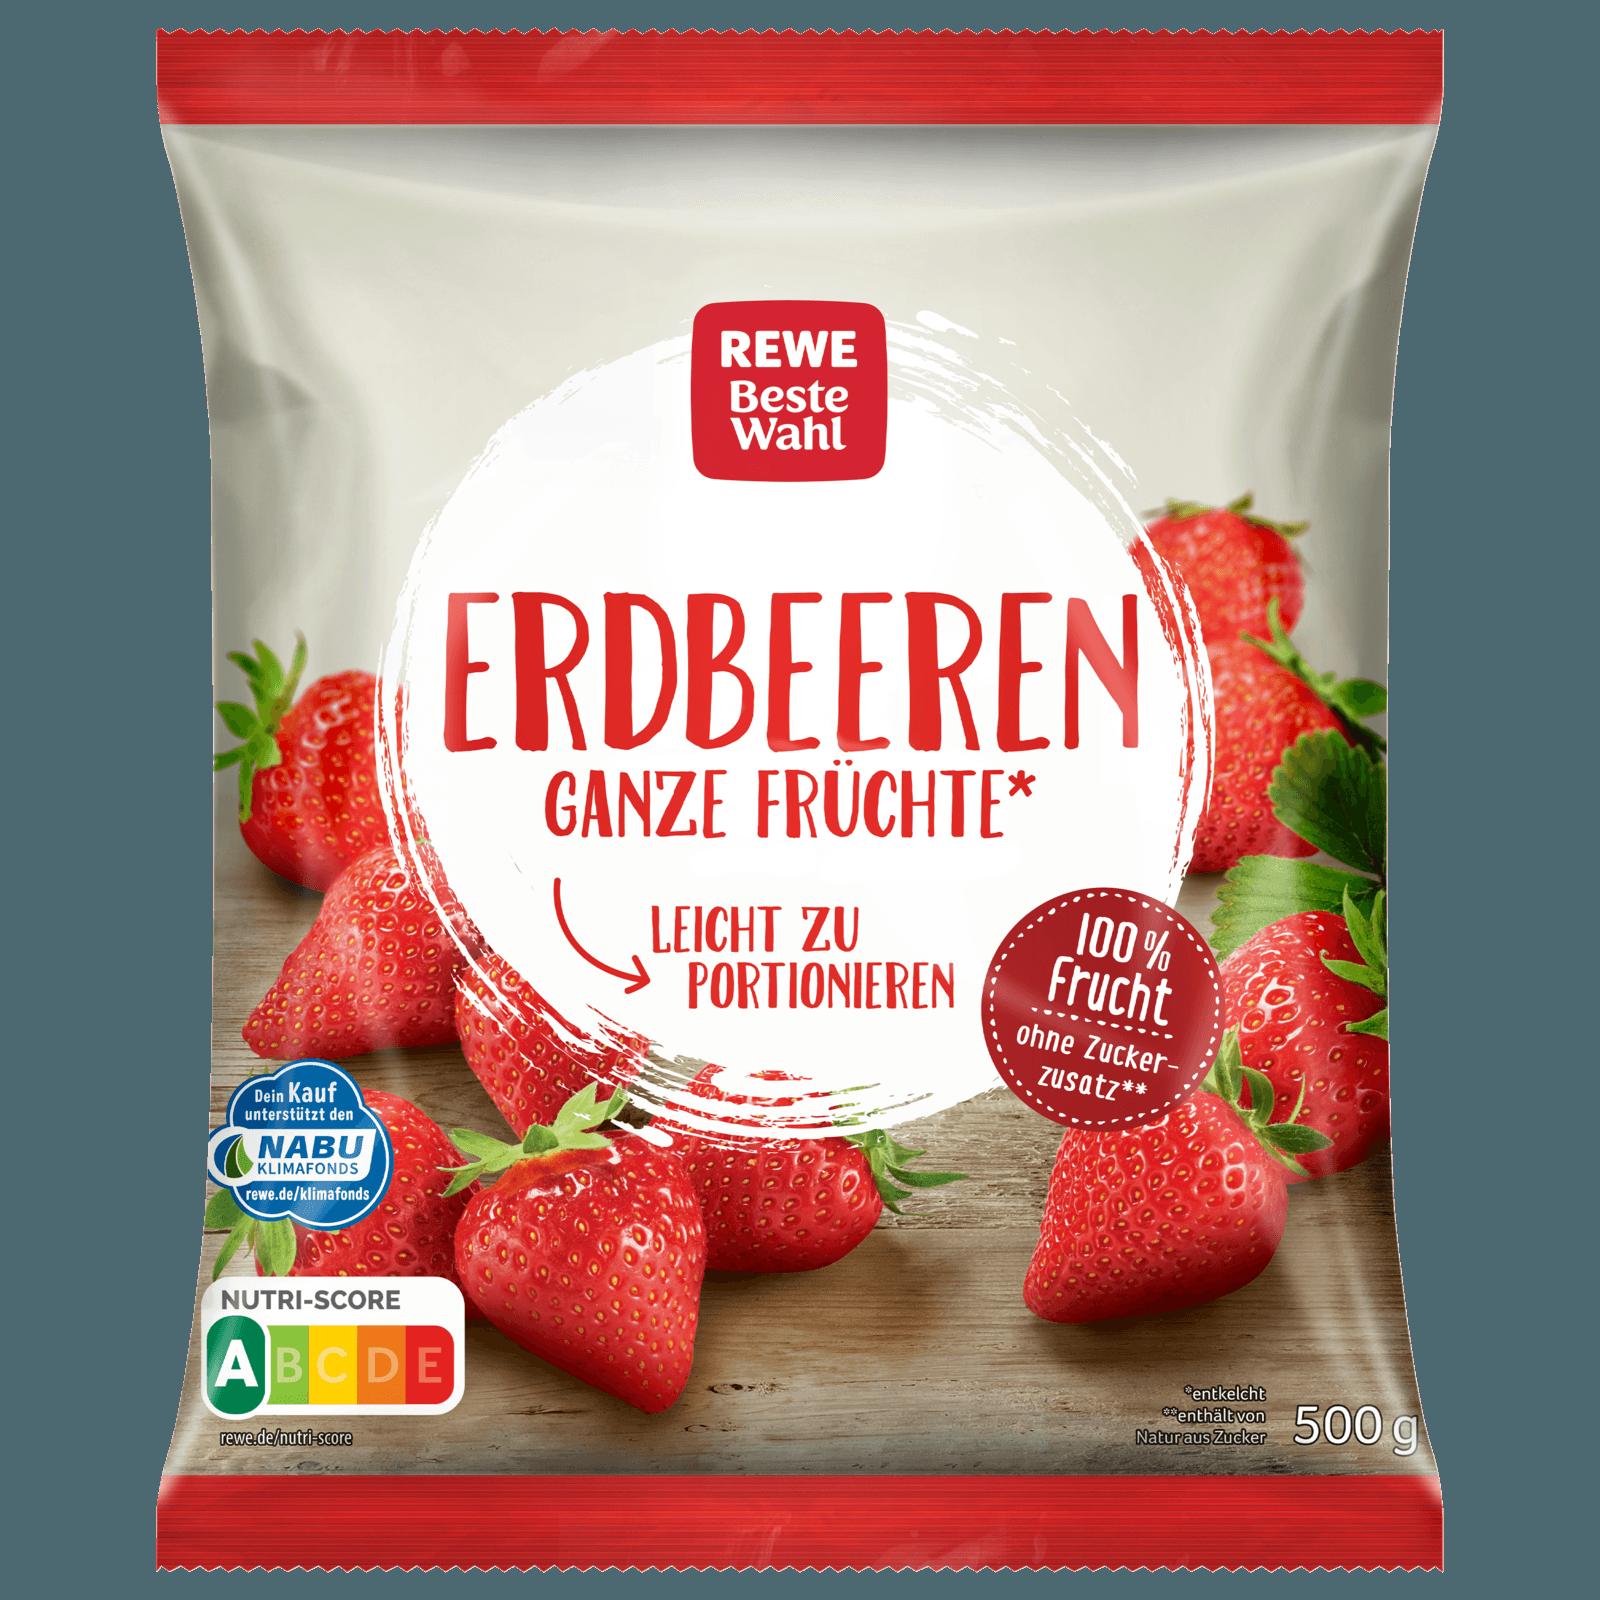 Rewe Beste Wahl Erdbeeren 500g Bei Rewe Online Bestellen